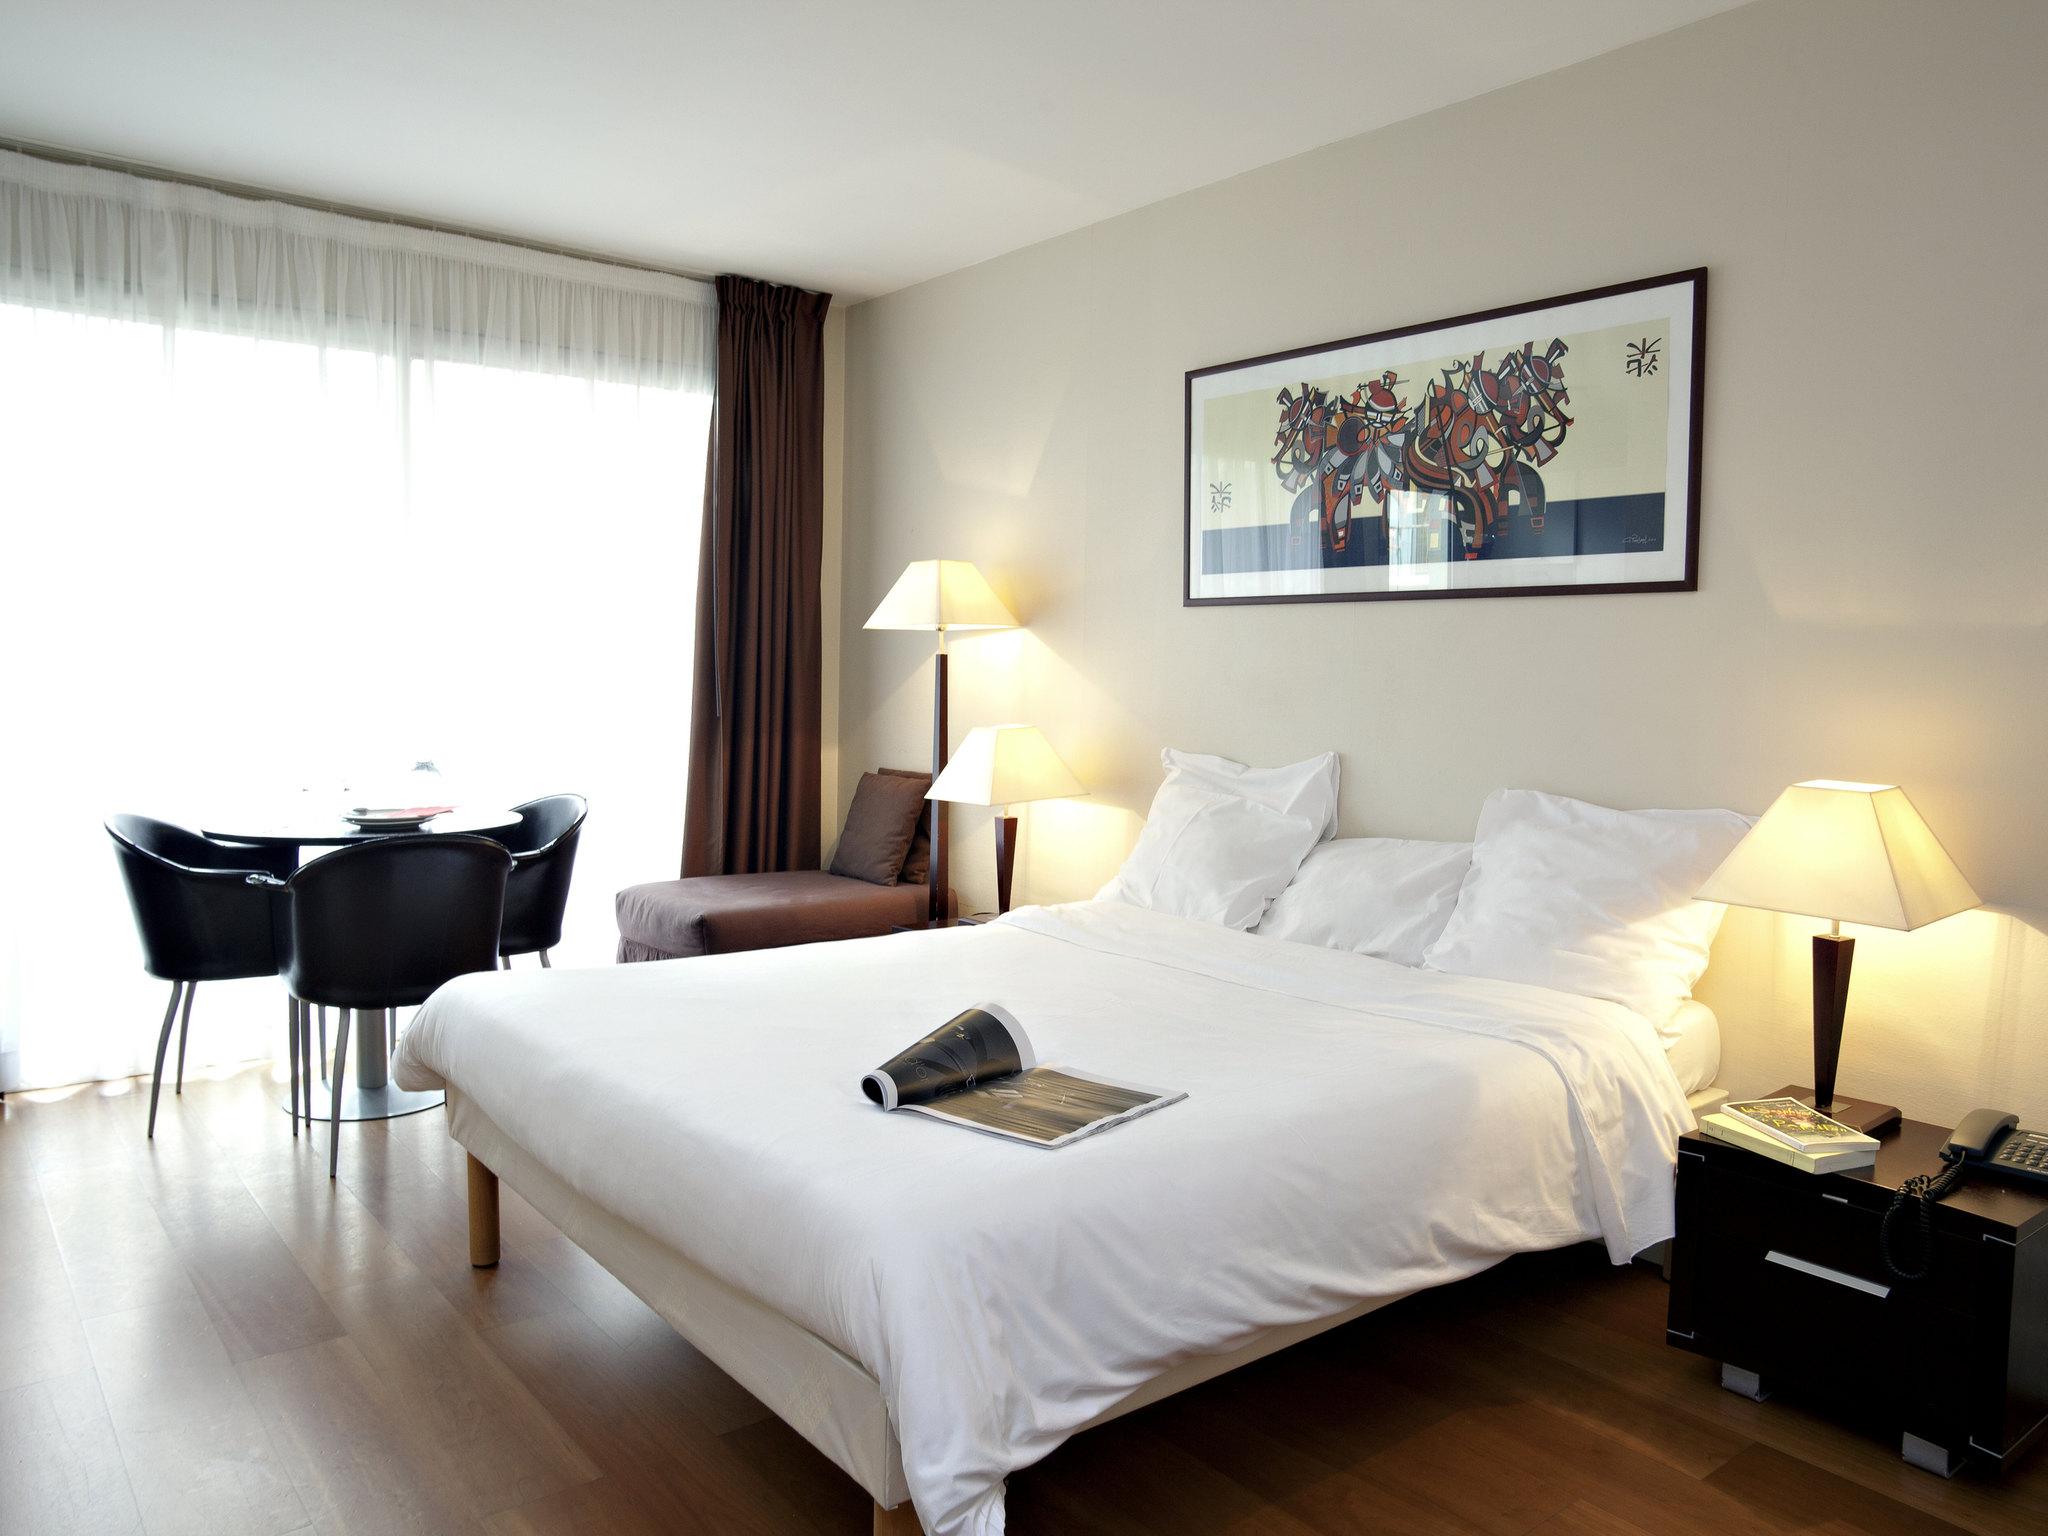 فندق - الشقق الفندقية أداجيو أكسس Adagio access باريس تور إيفل سان شارل